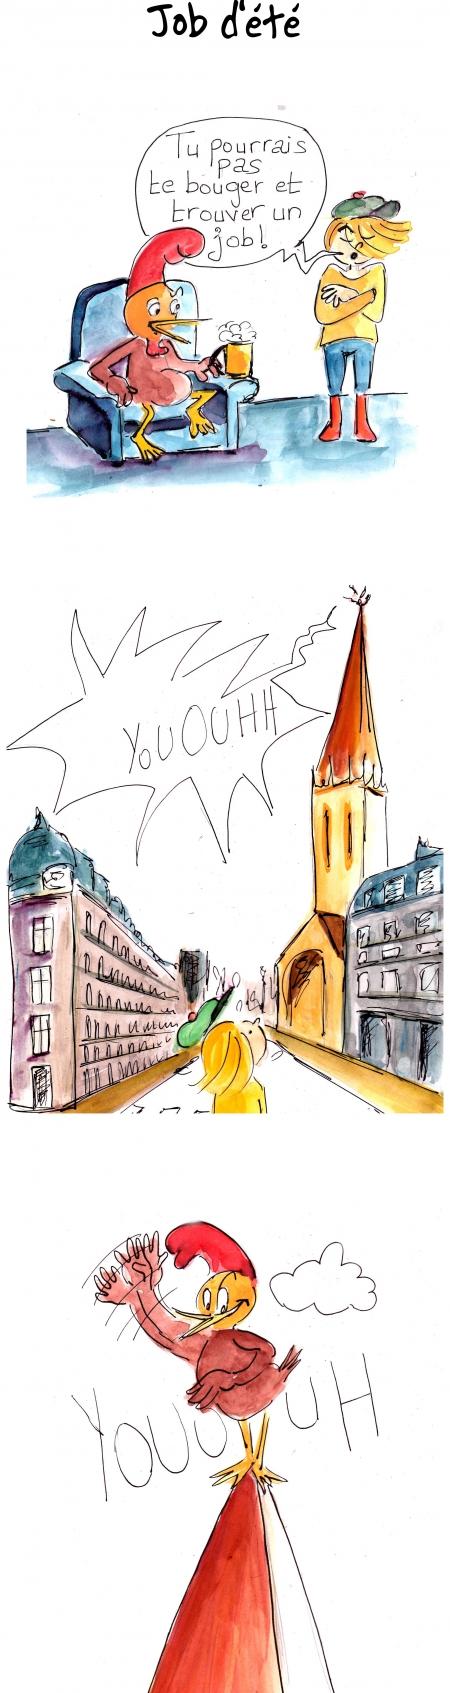 webzine,bd,gratuit,zébra,fanzine,bande-dessinée,strip,lola,aurélie dekeyser,job,été,jeffrey,poulet,comic,strip,coq